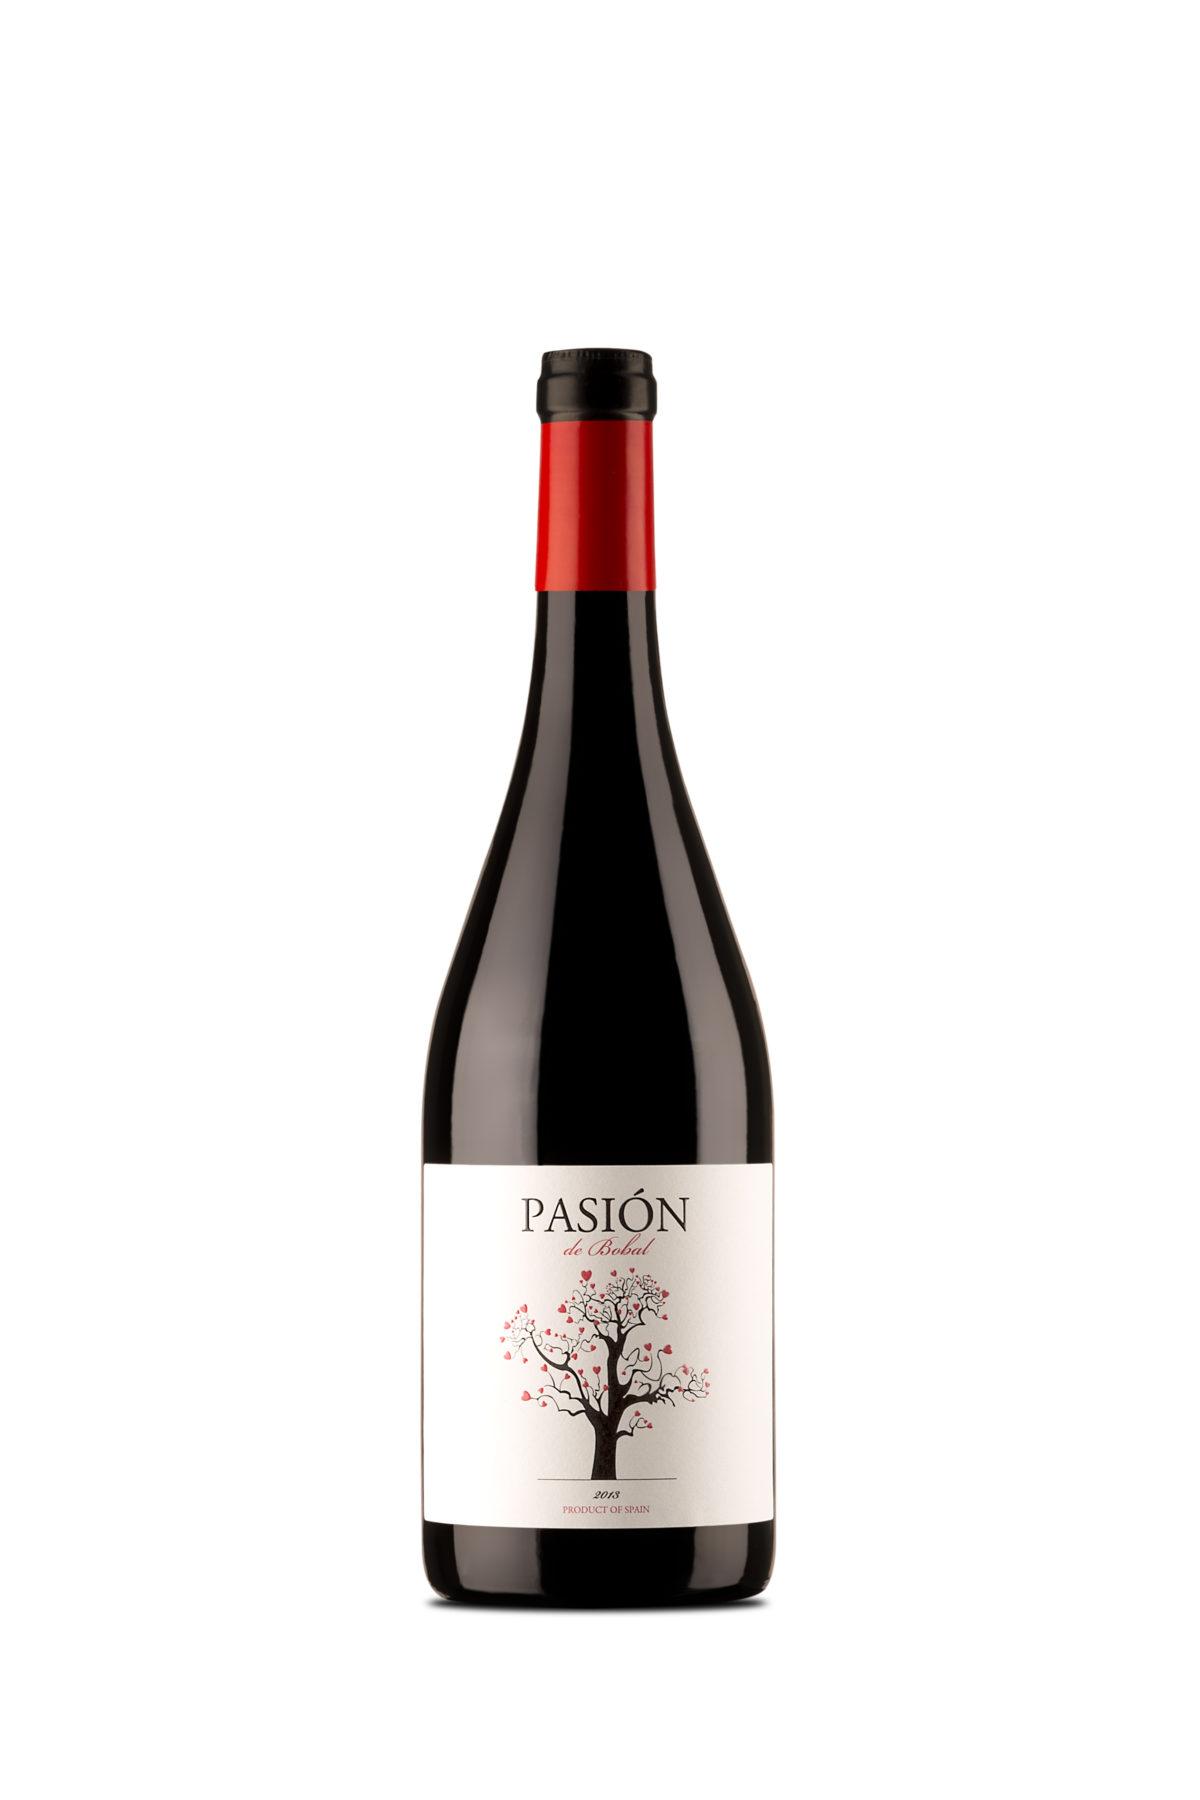 Sierra Norte distinguida en el certamen Challenge Internacional du Vin de Burdeos